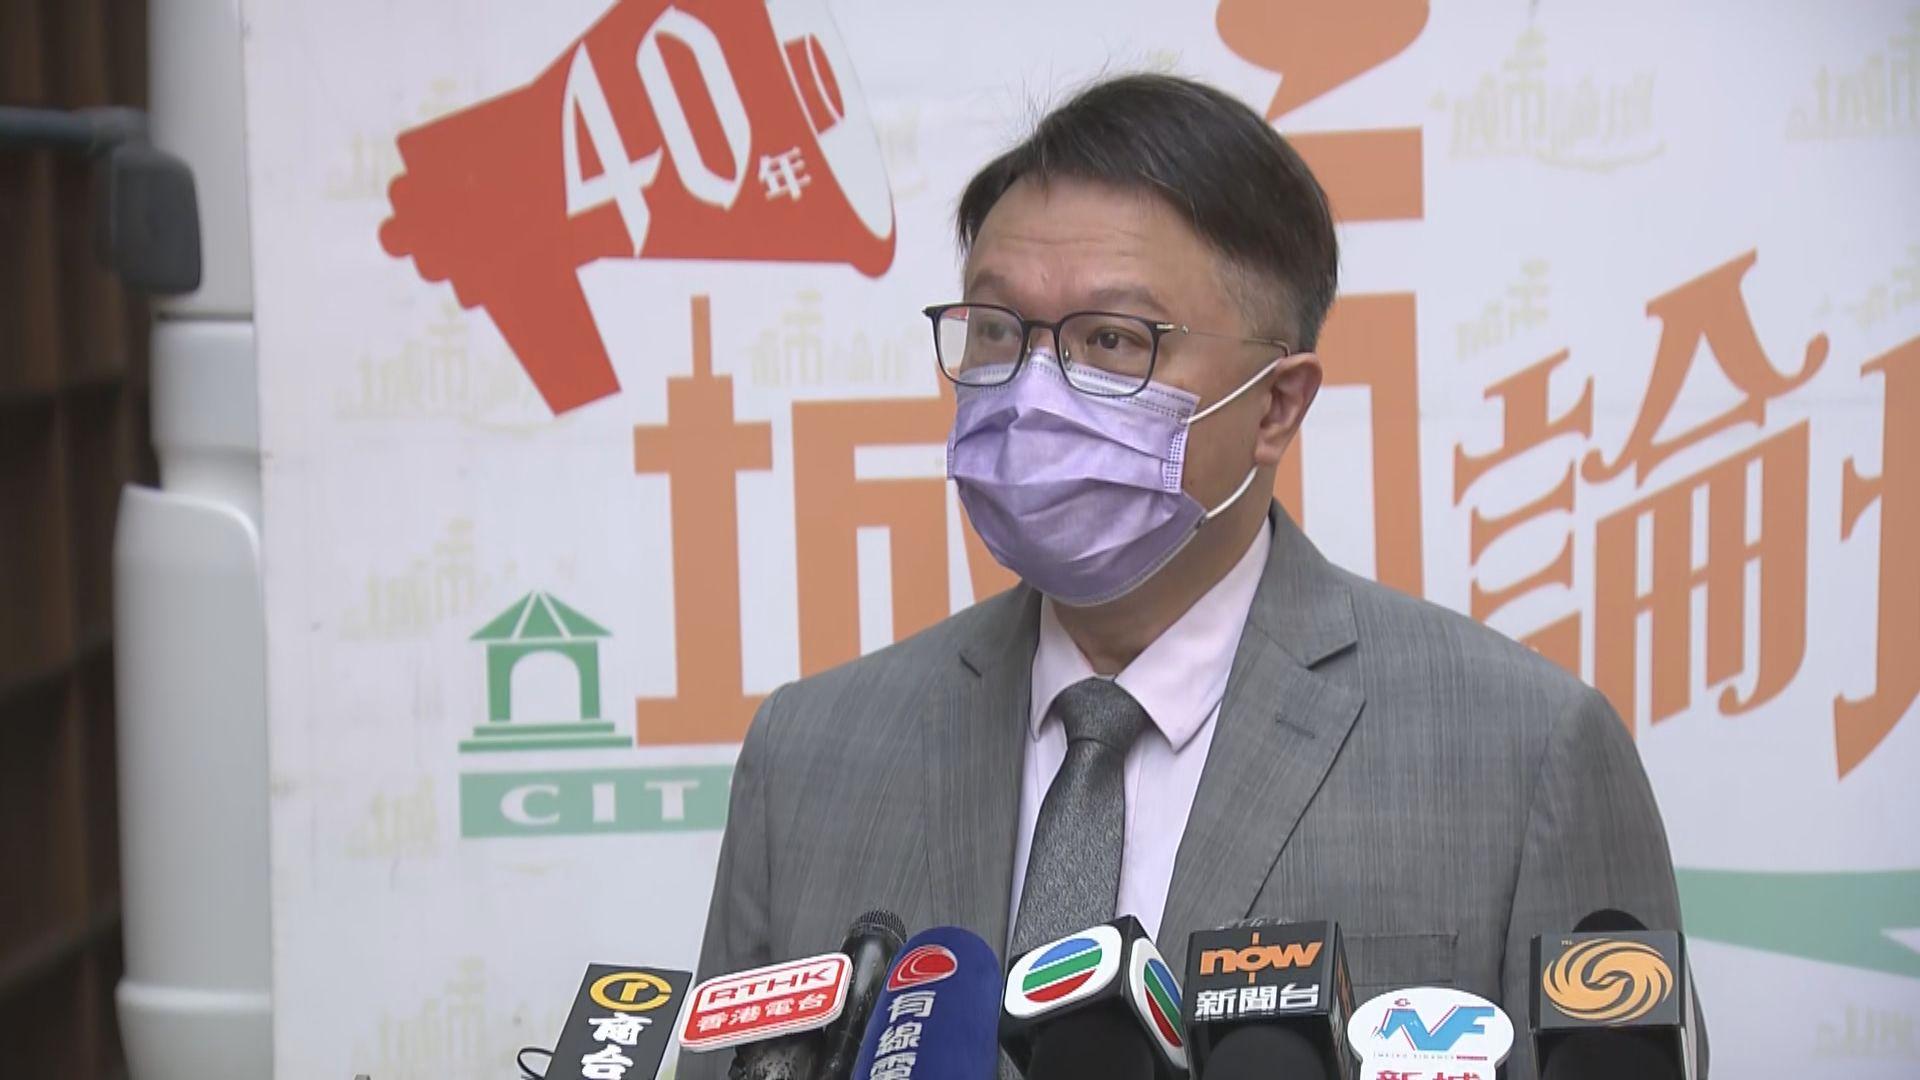 許樹昌:政府做好出入境把關才能預防新一波疫情